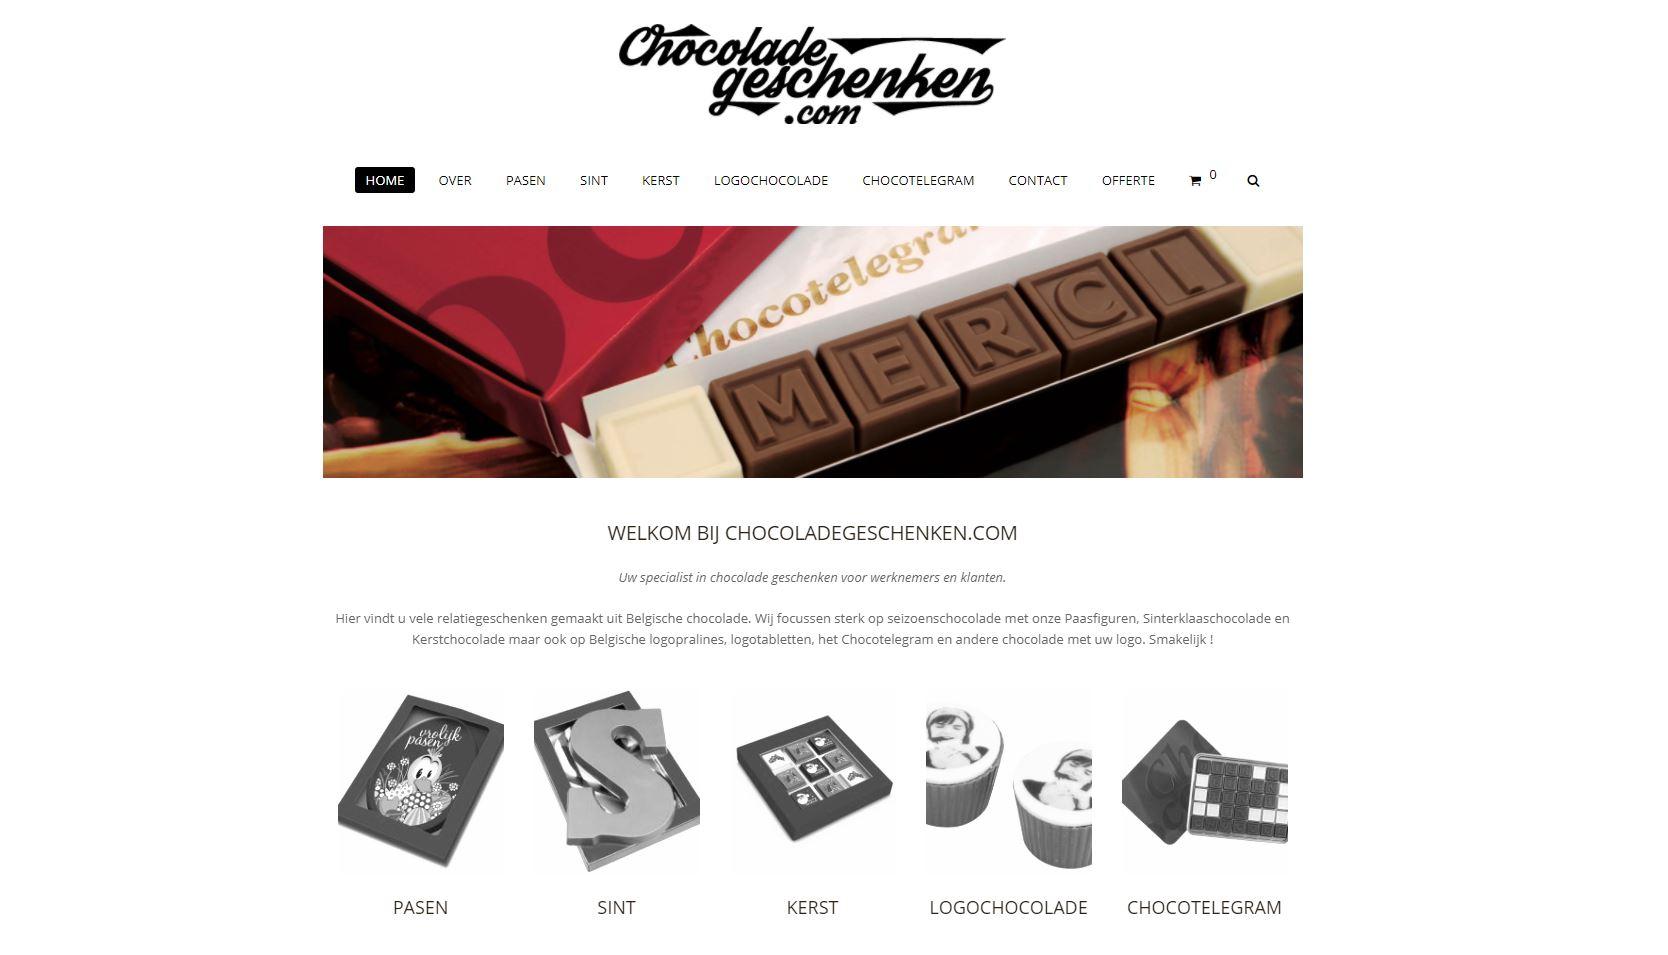 Chocoladegeschenken 1